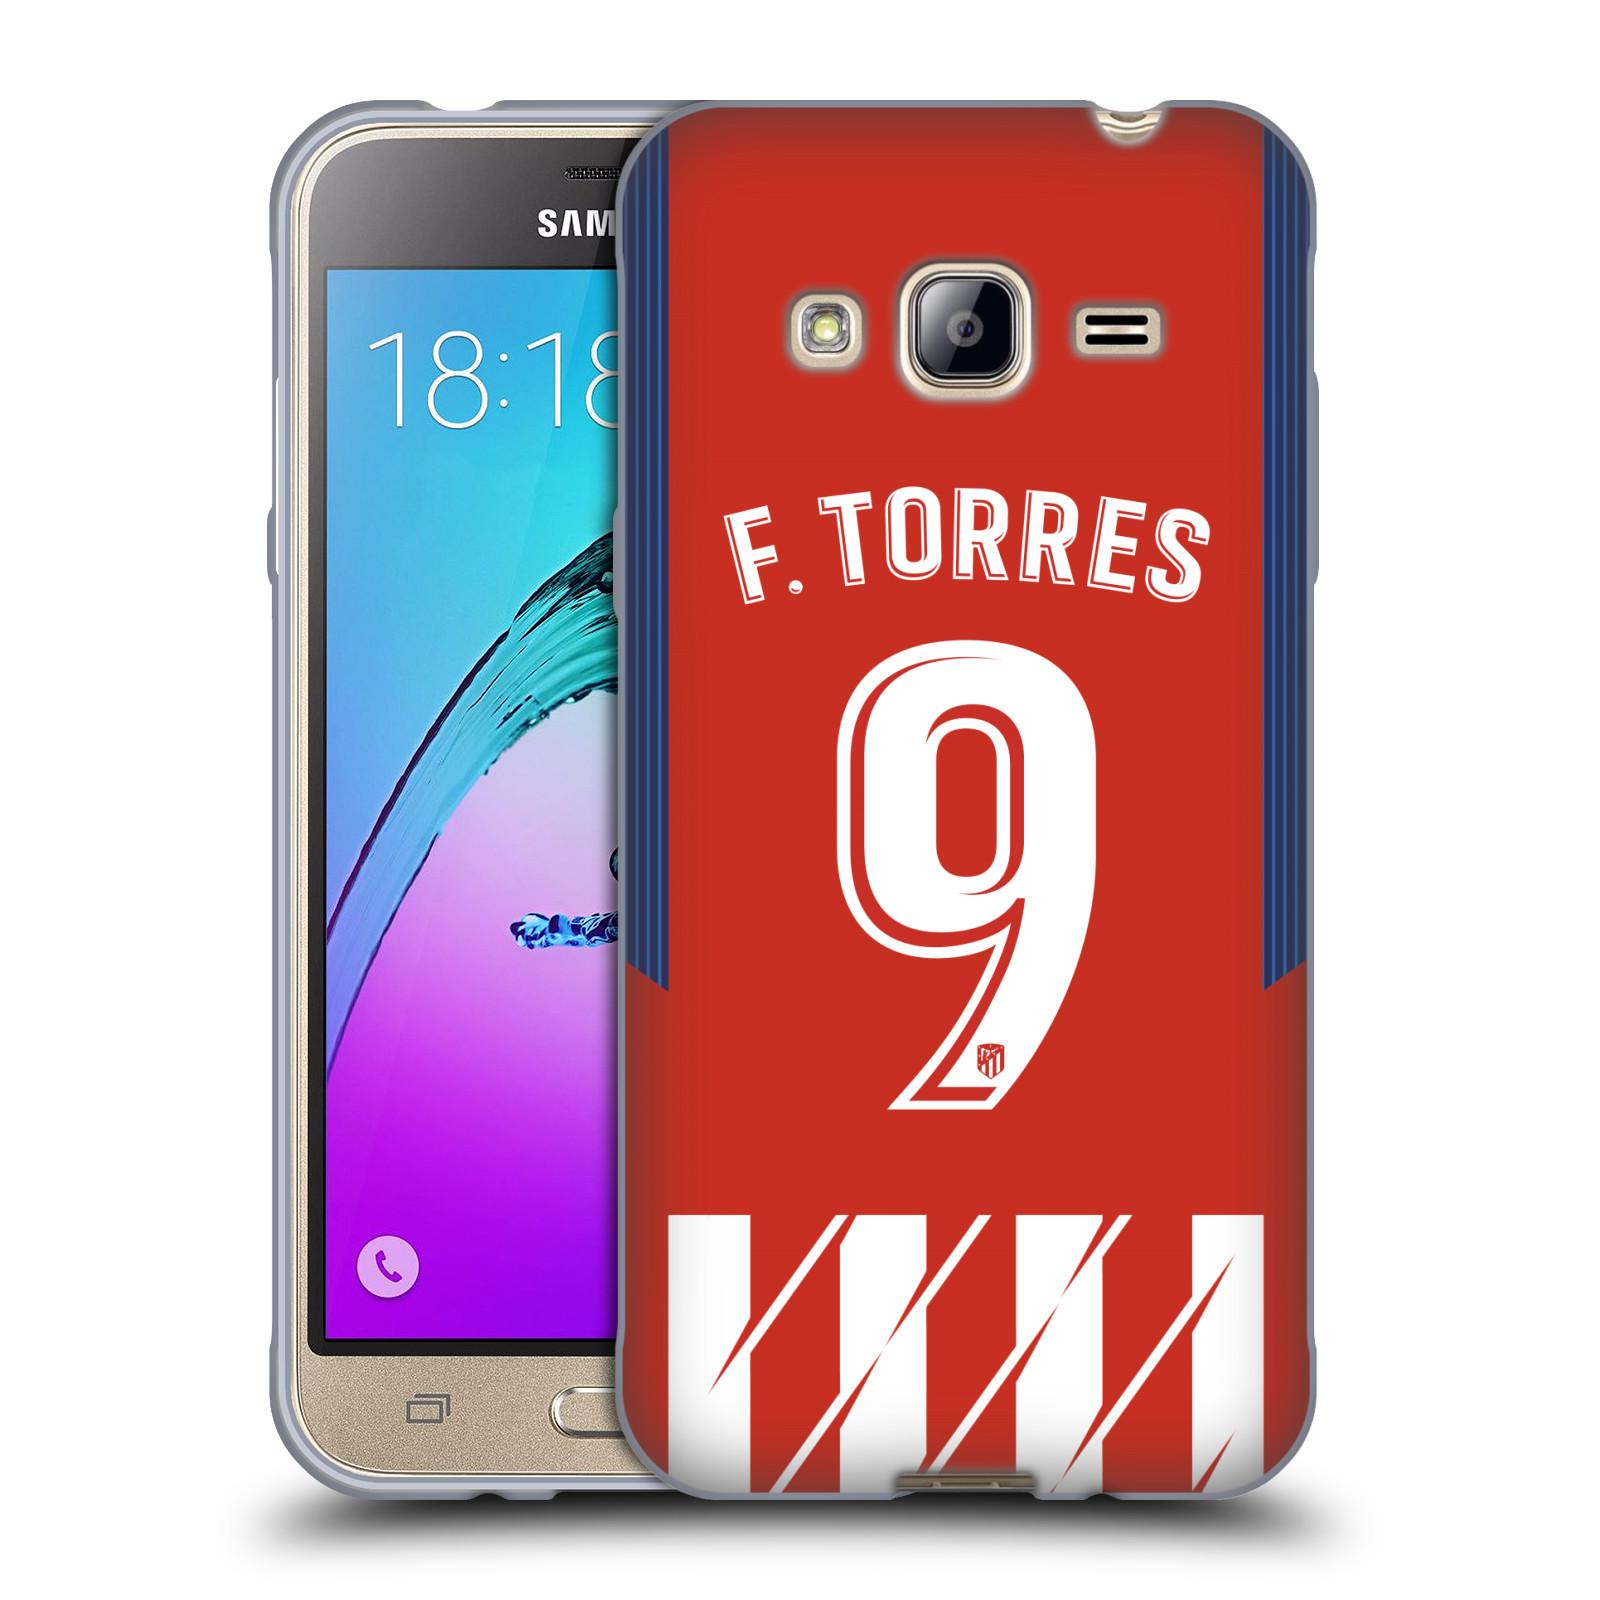 HEAD CASE silikonový obal na mobil Samsung Galaxy J3, J3 2016 Fotbalový klub Atlético Madrid dres Fernando Torres